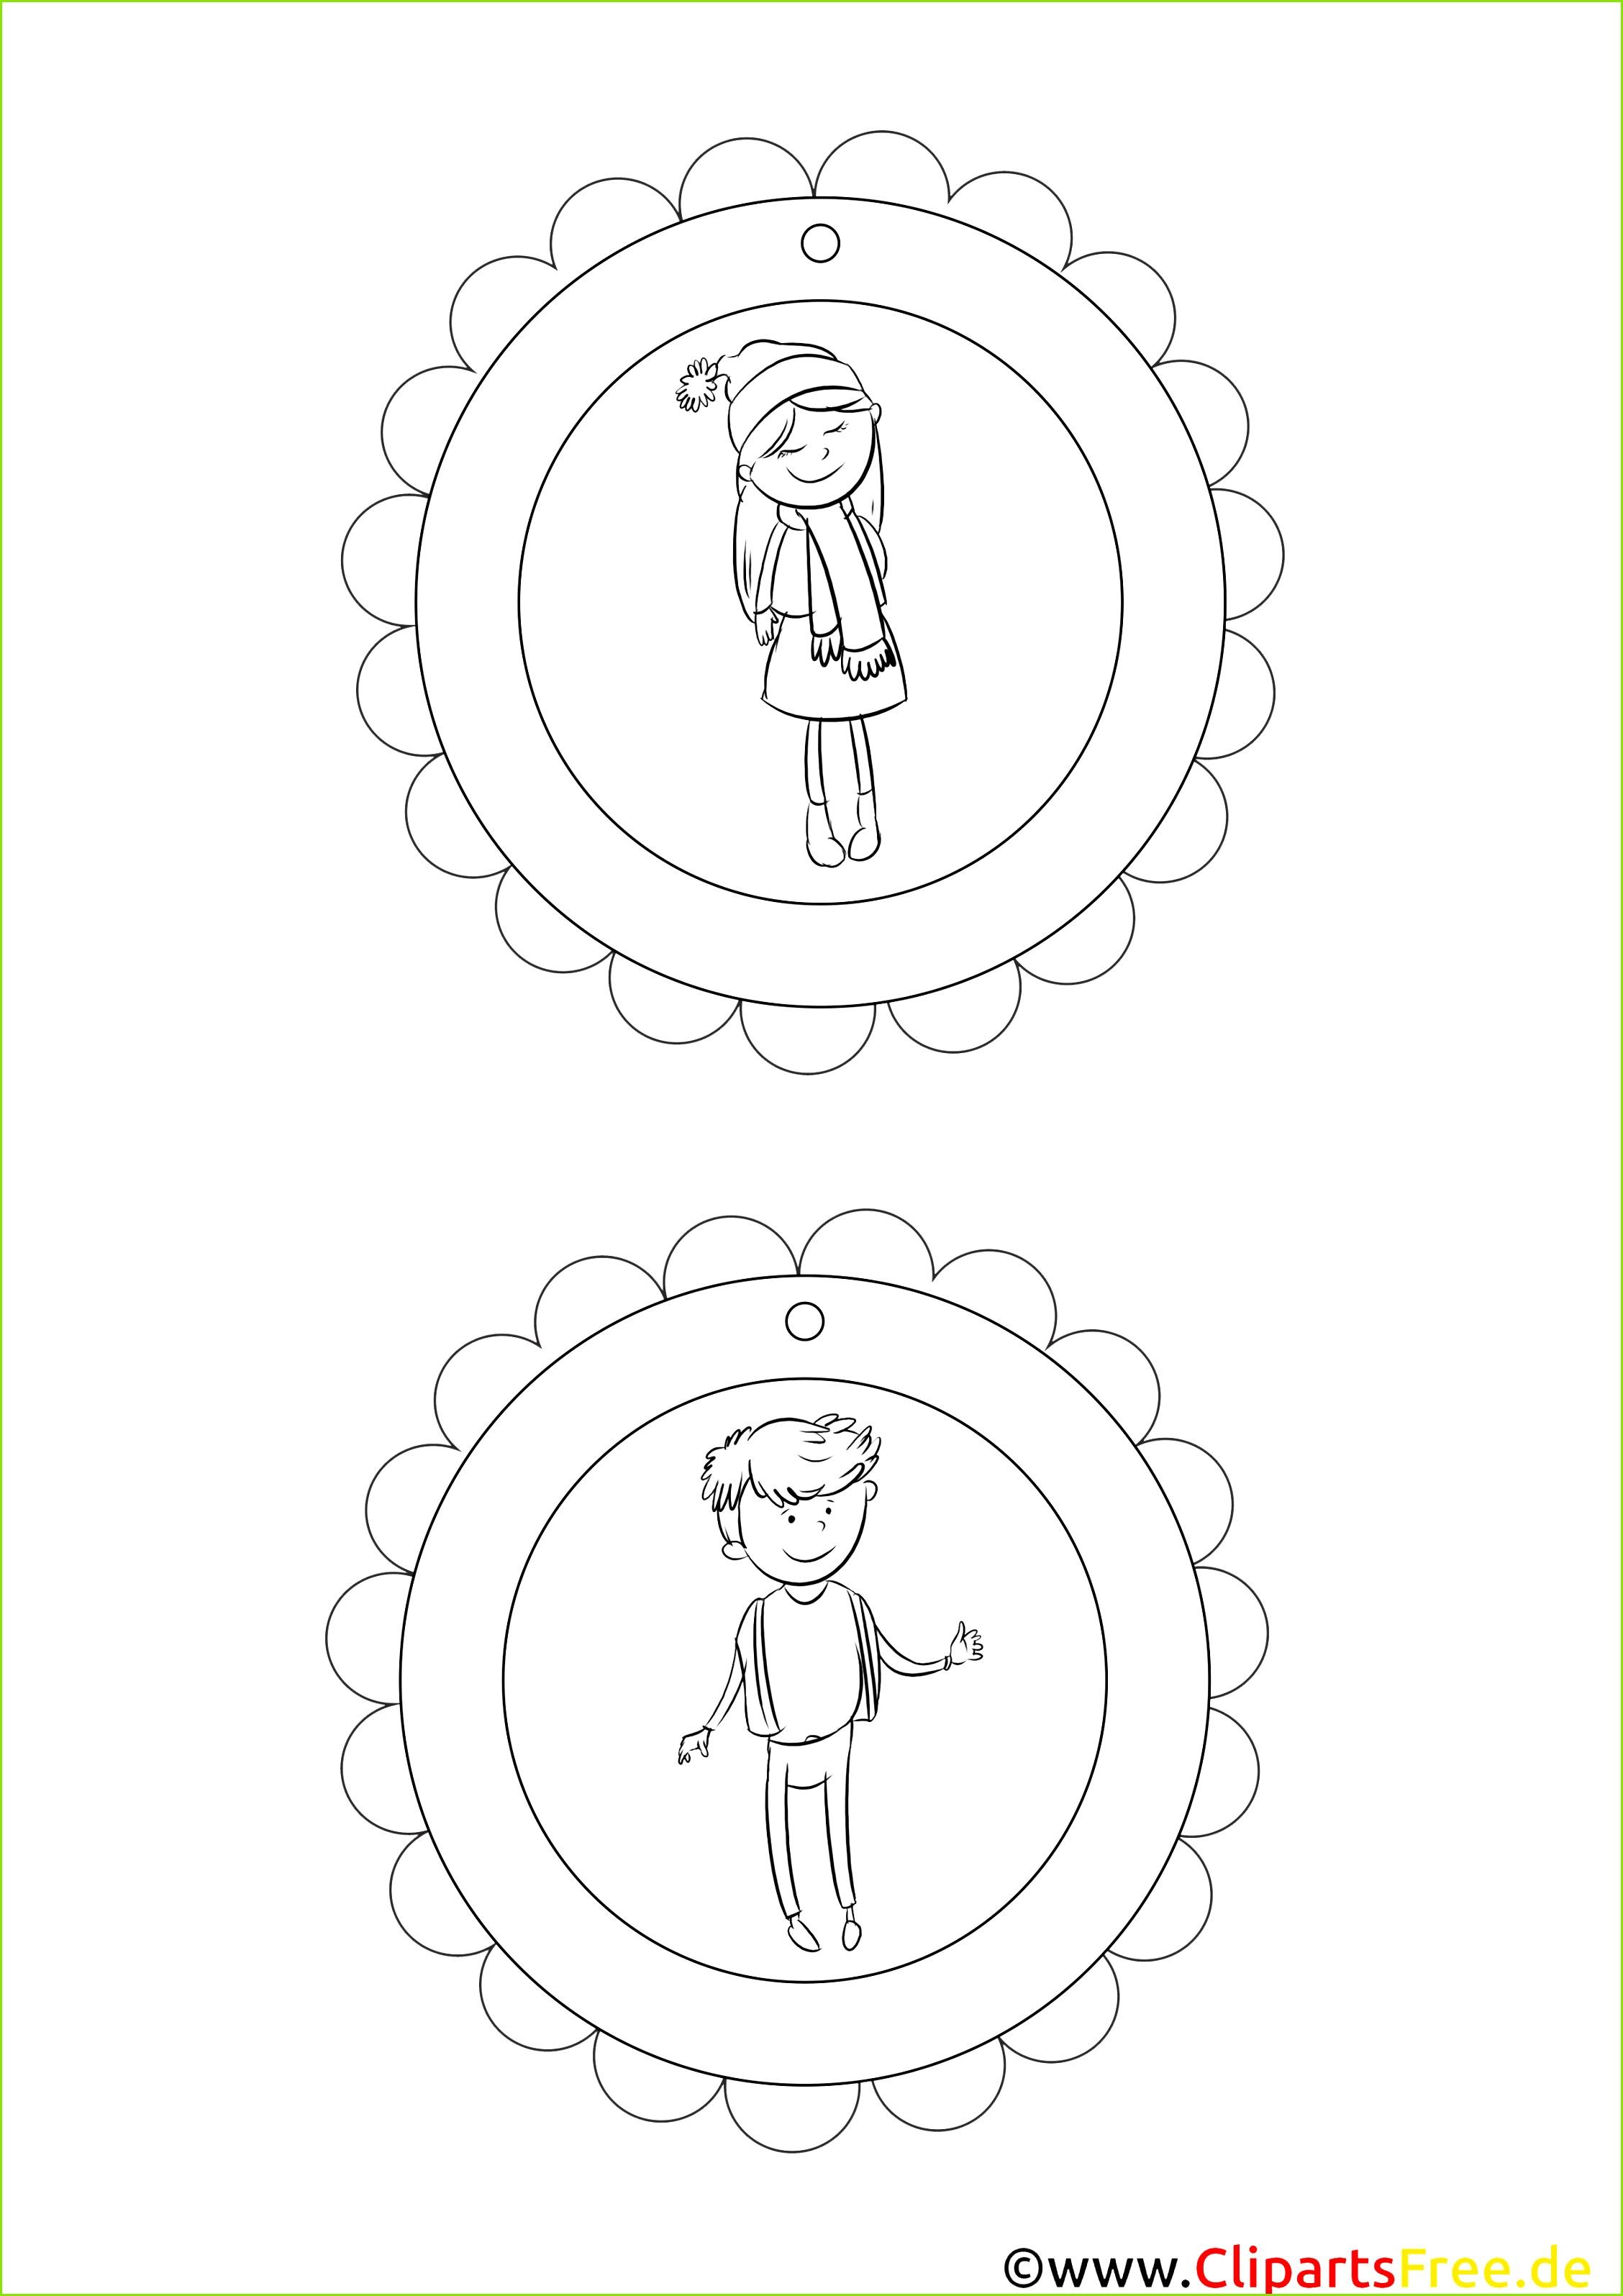 Medaille Vorlage Ausdrucken bestimmt für Medaillen Zum Ausdrucken